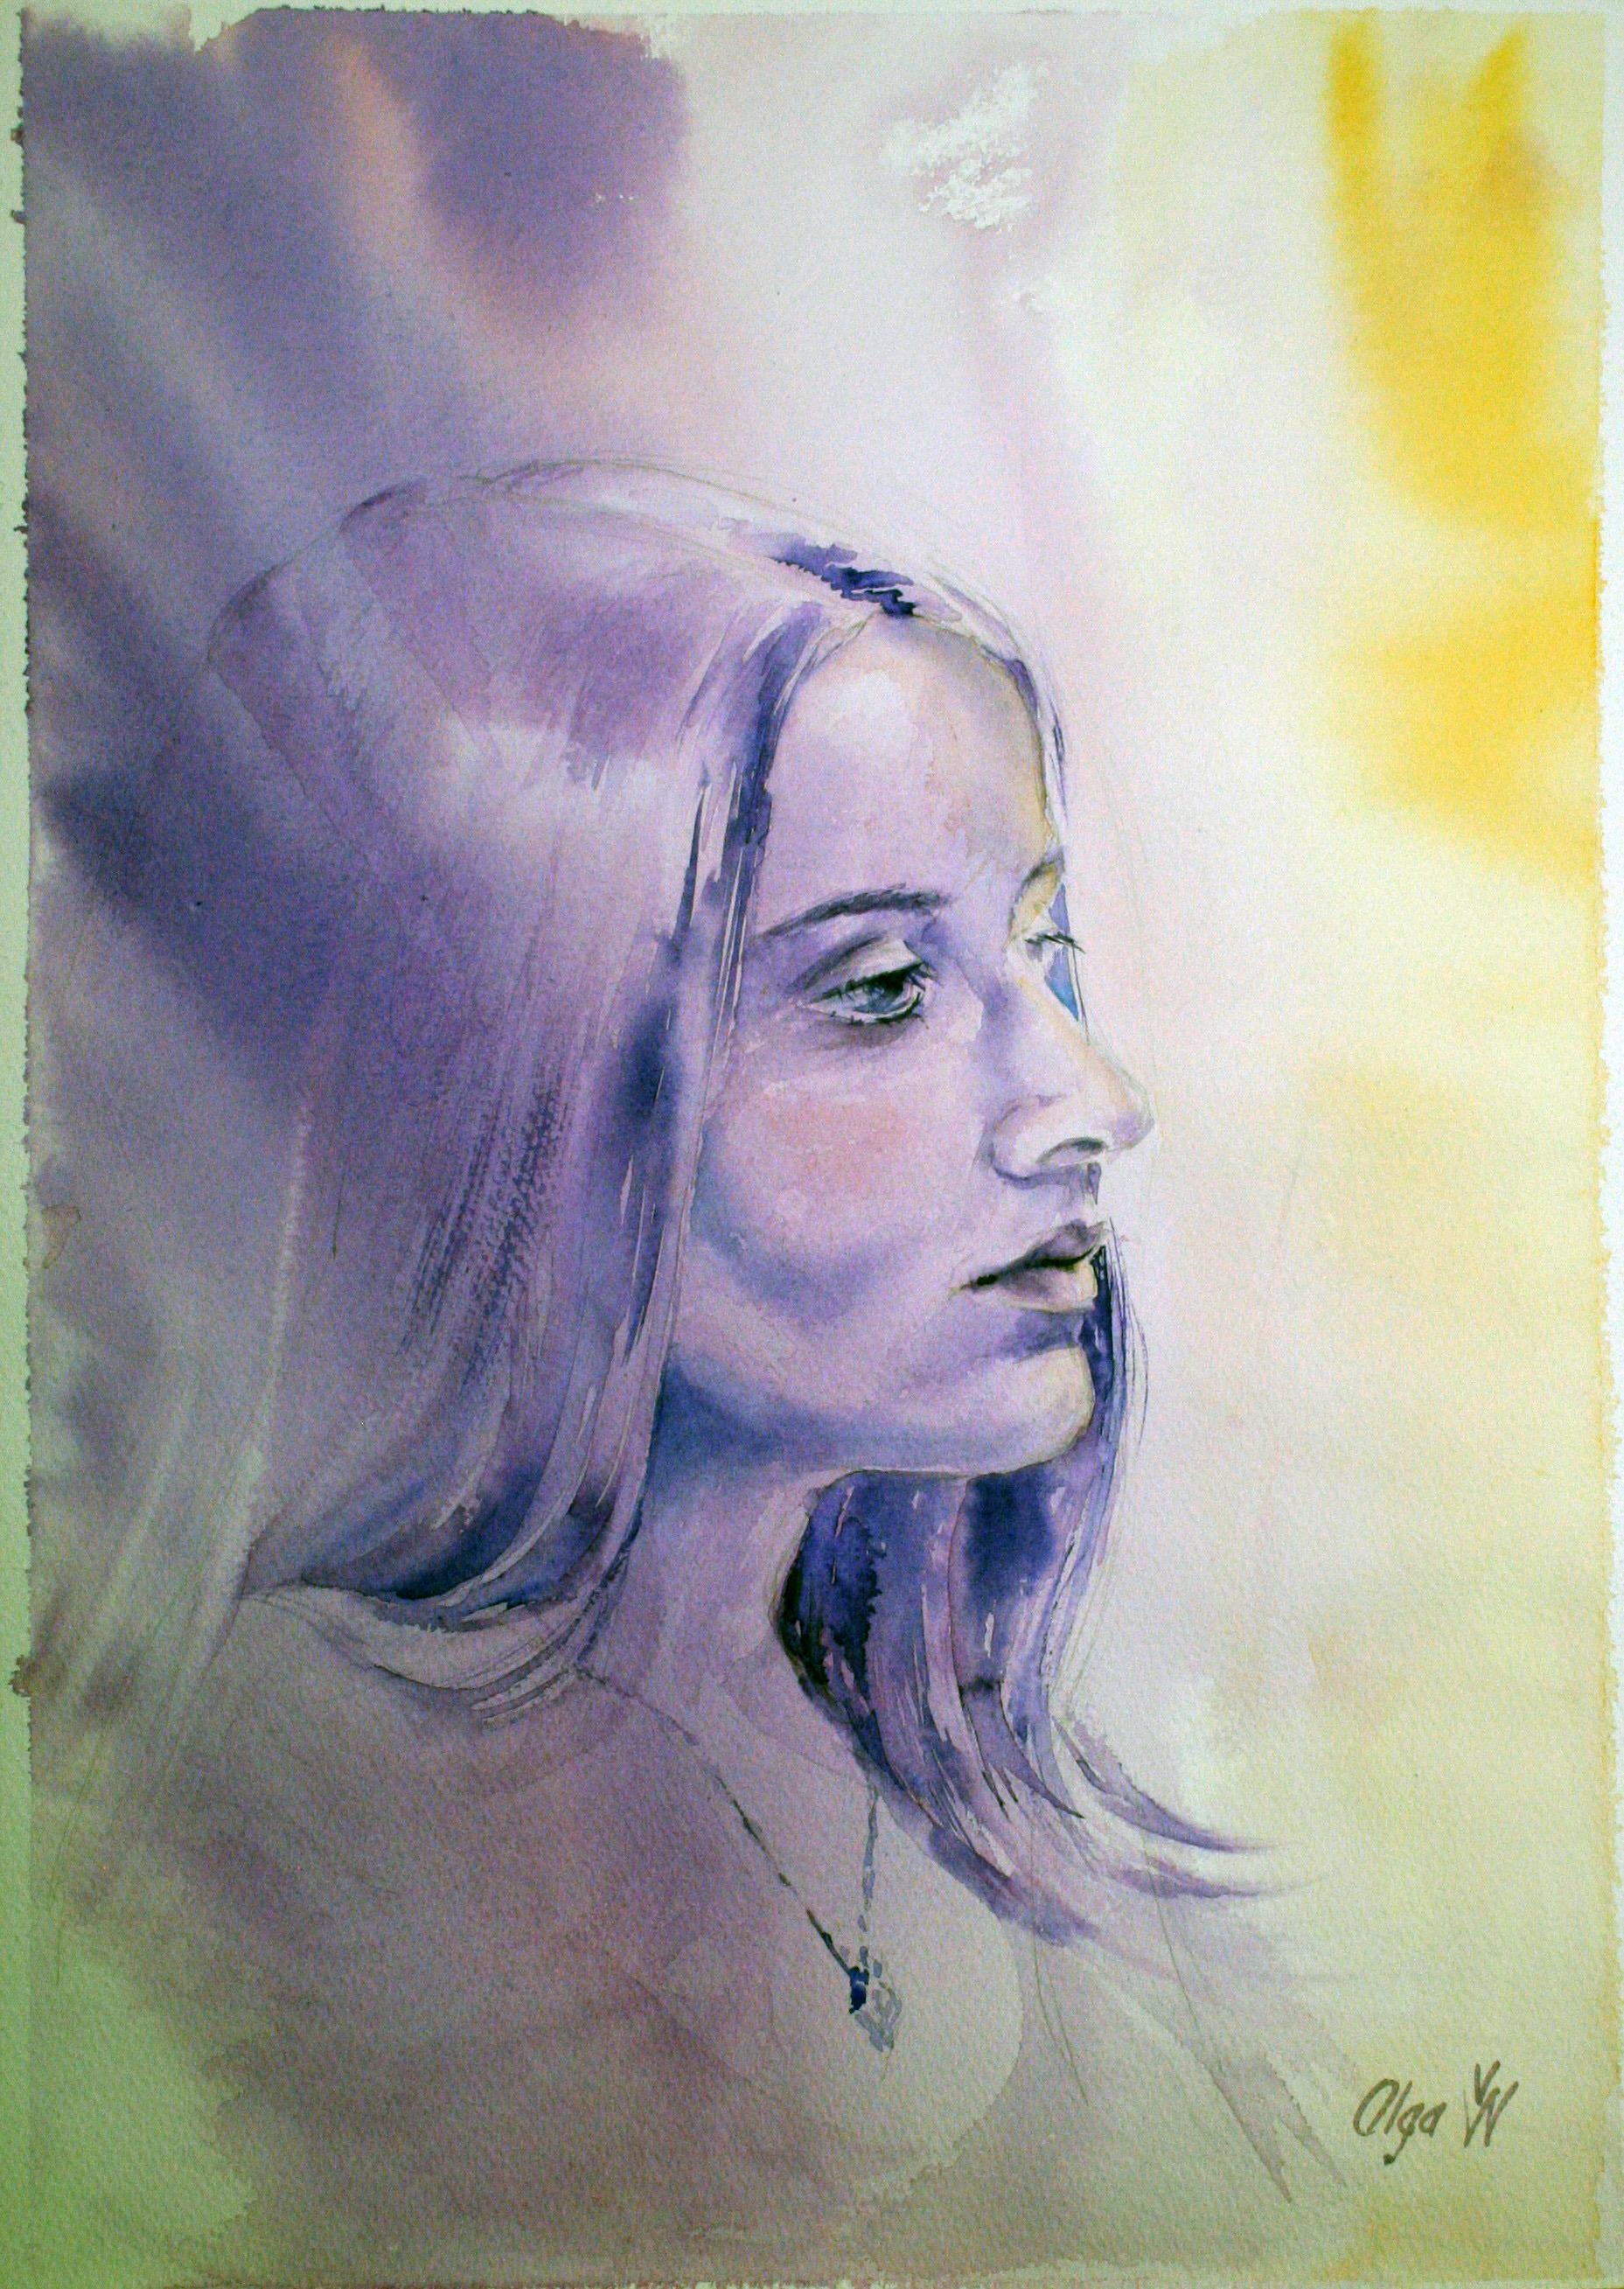 Olga Weinstein - Watercolors